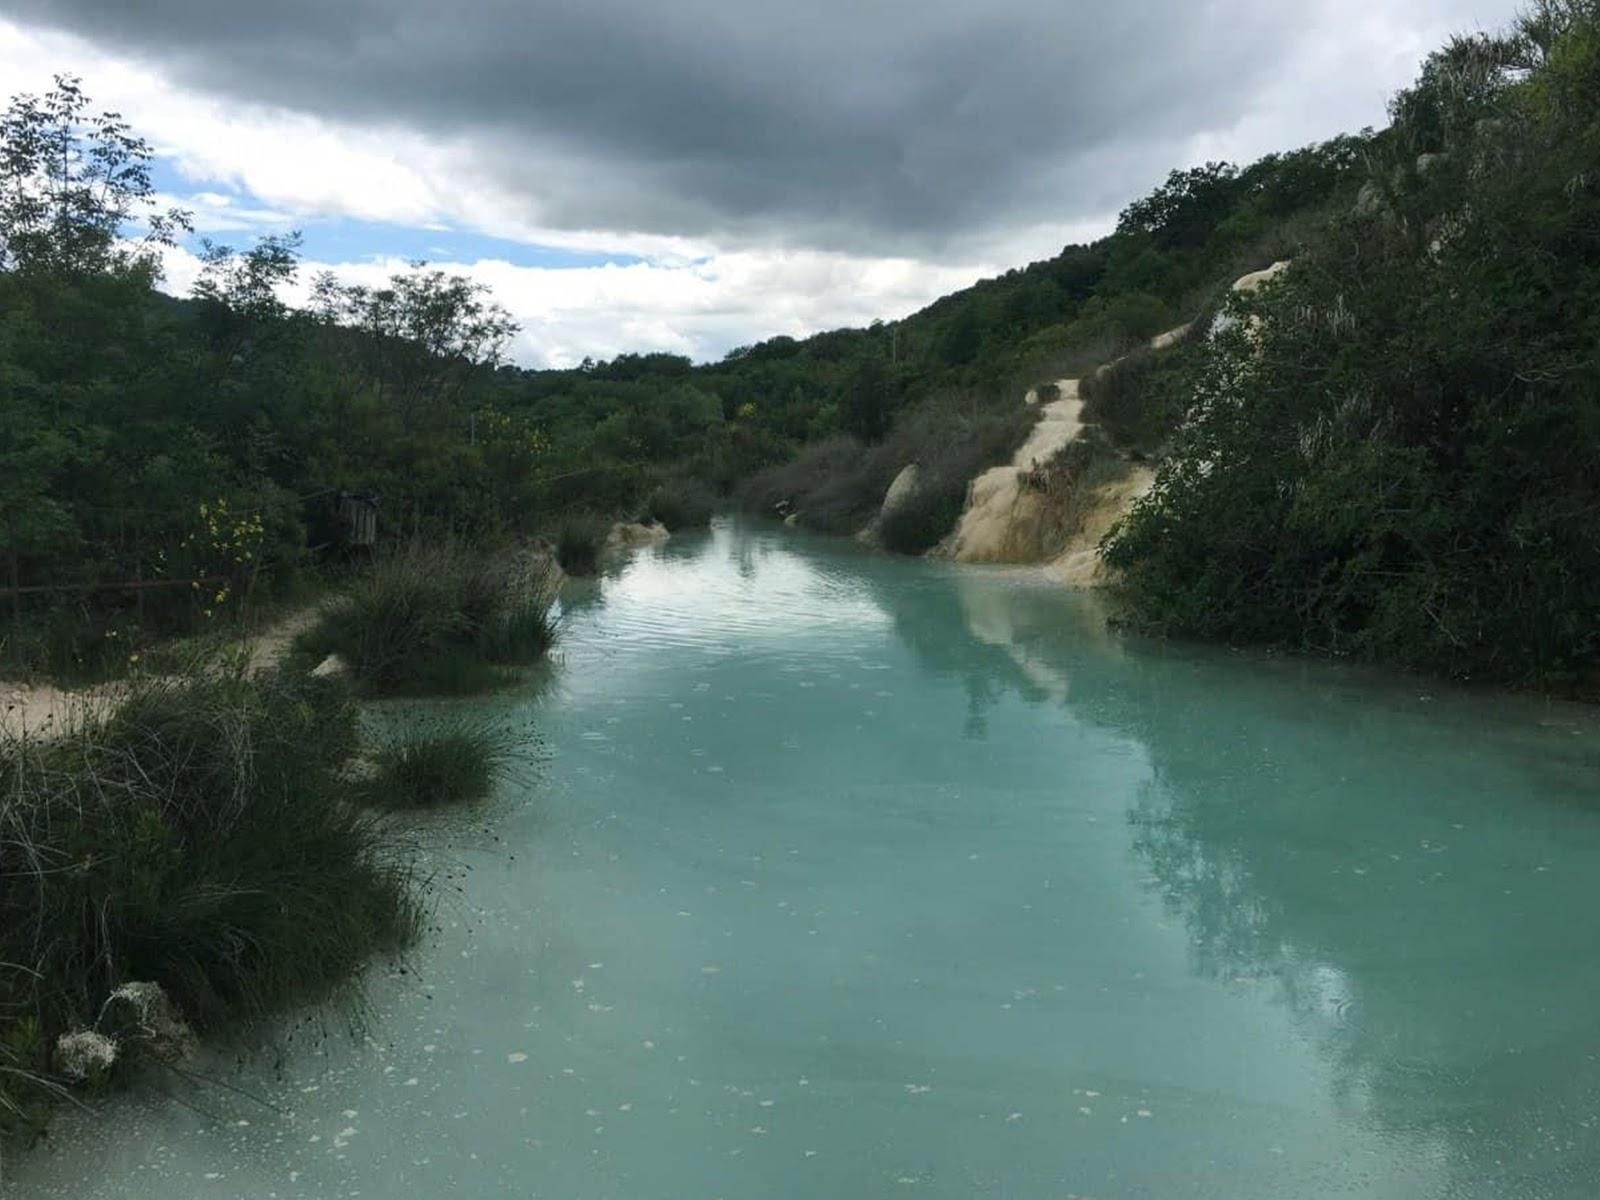 Parco naturale dei Mulini, Bagno Vignoni